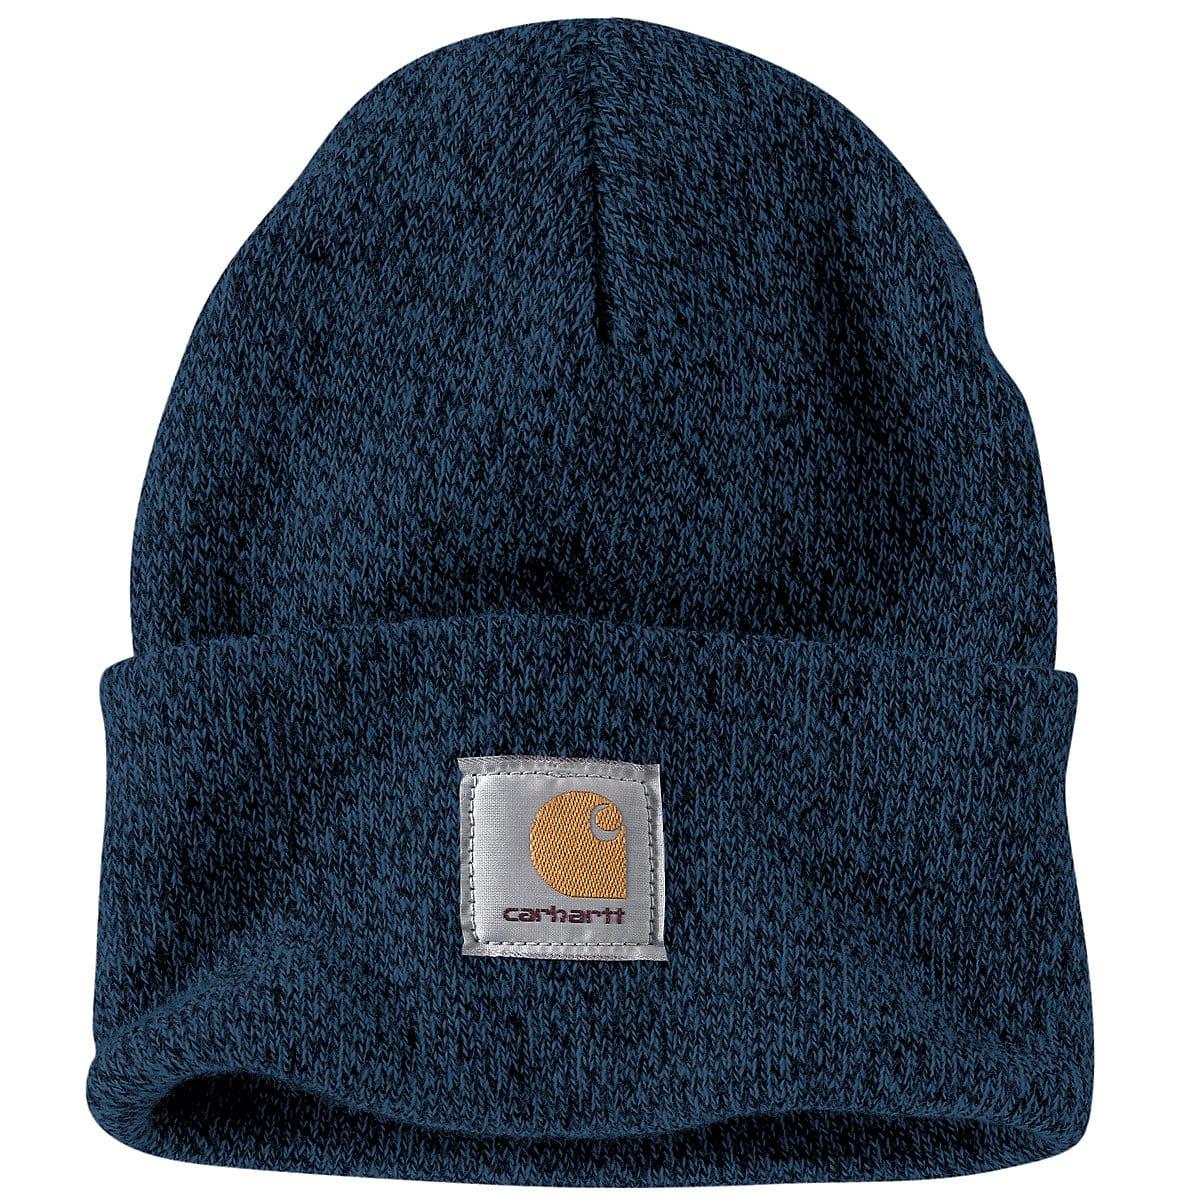 7977a334464882 Men's Acrylic Watch Hat A18 | Carhartt